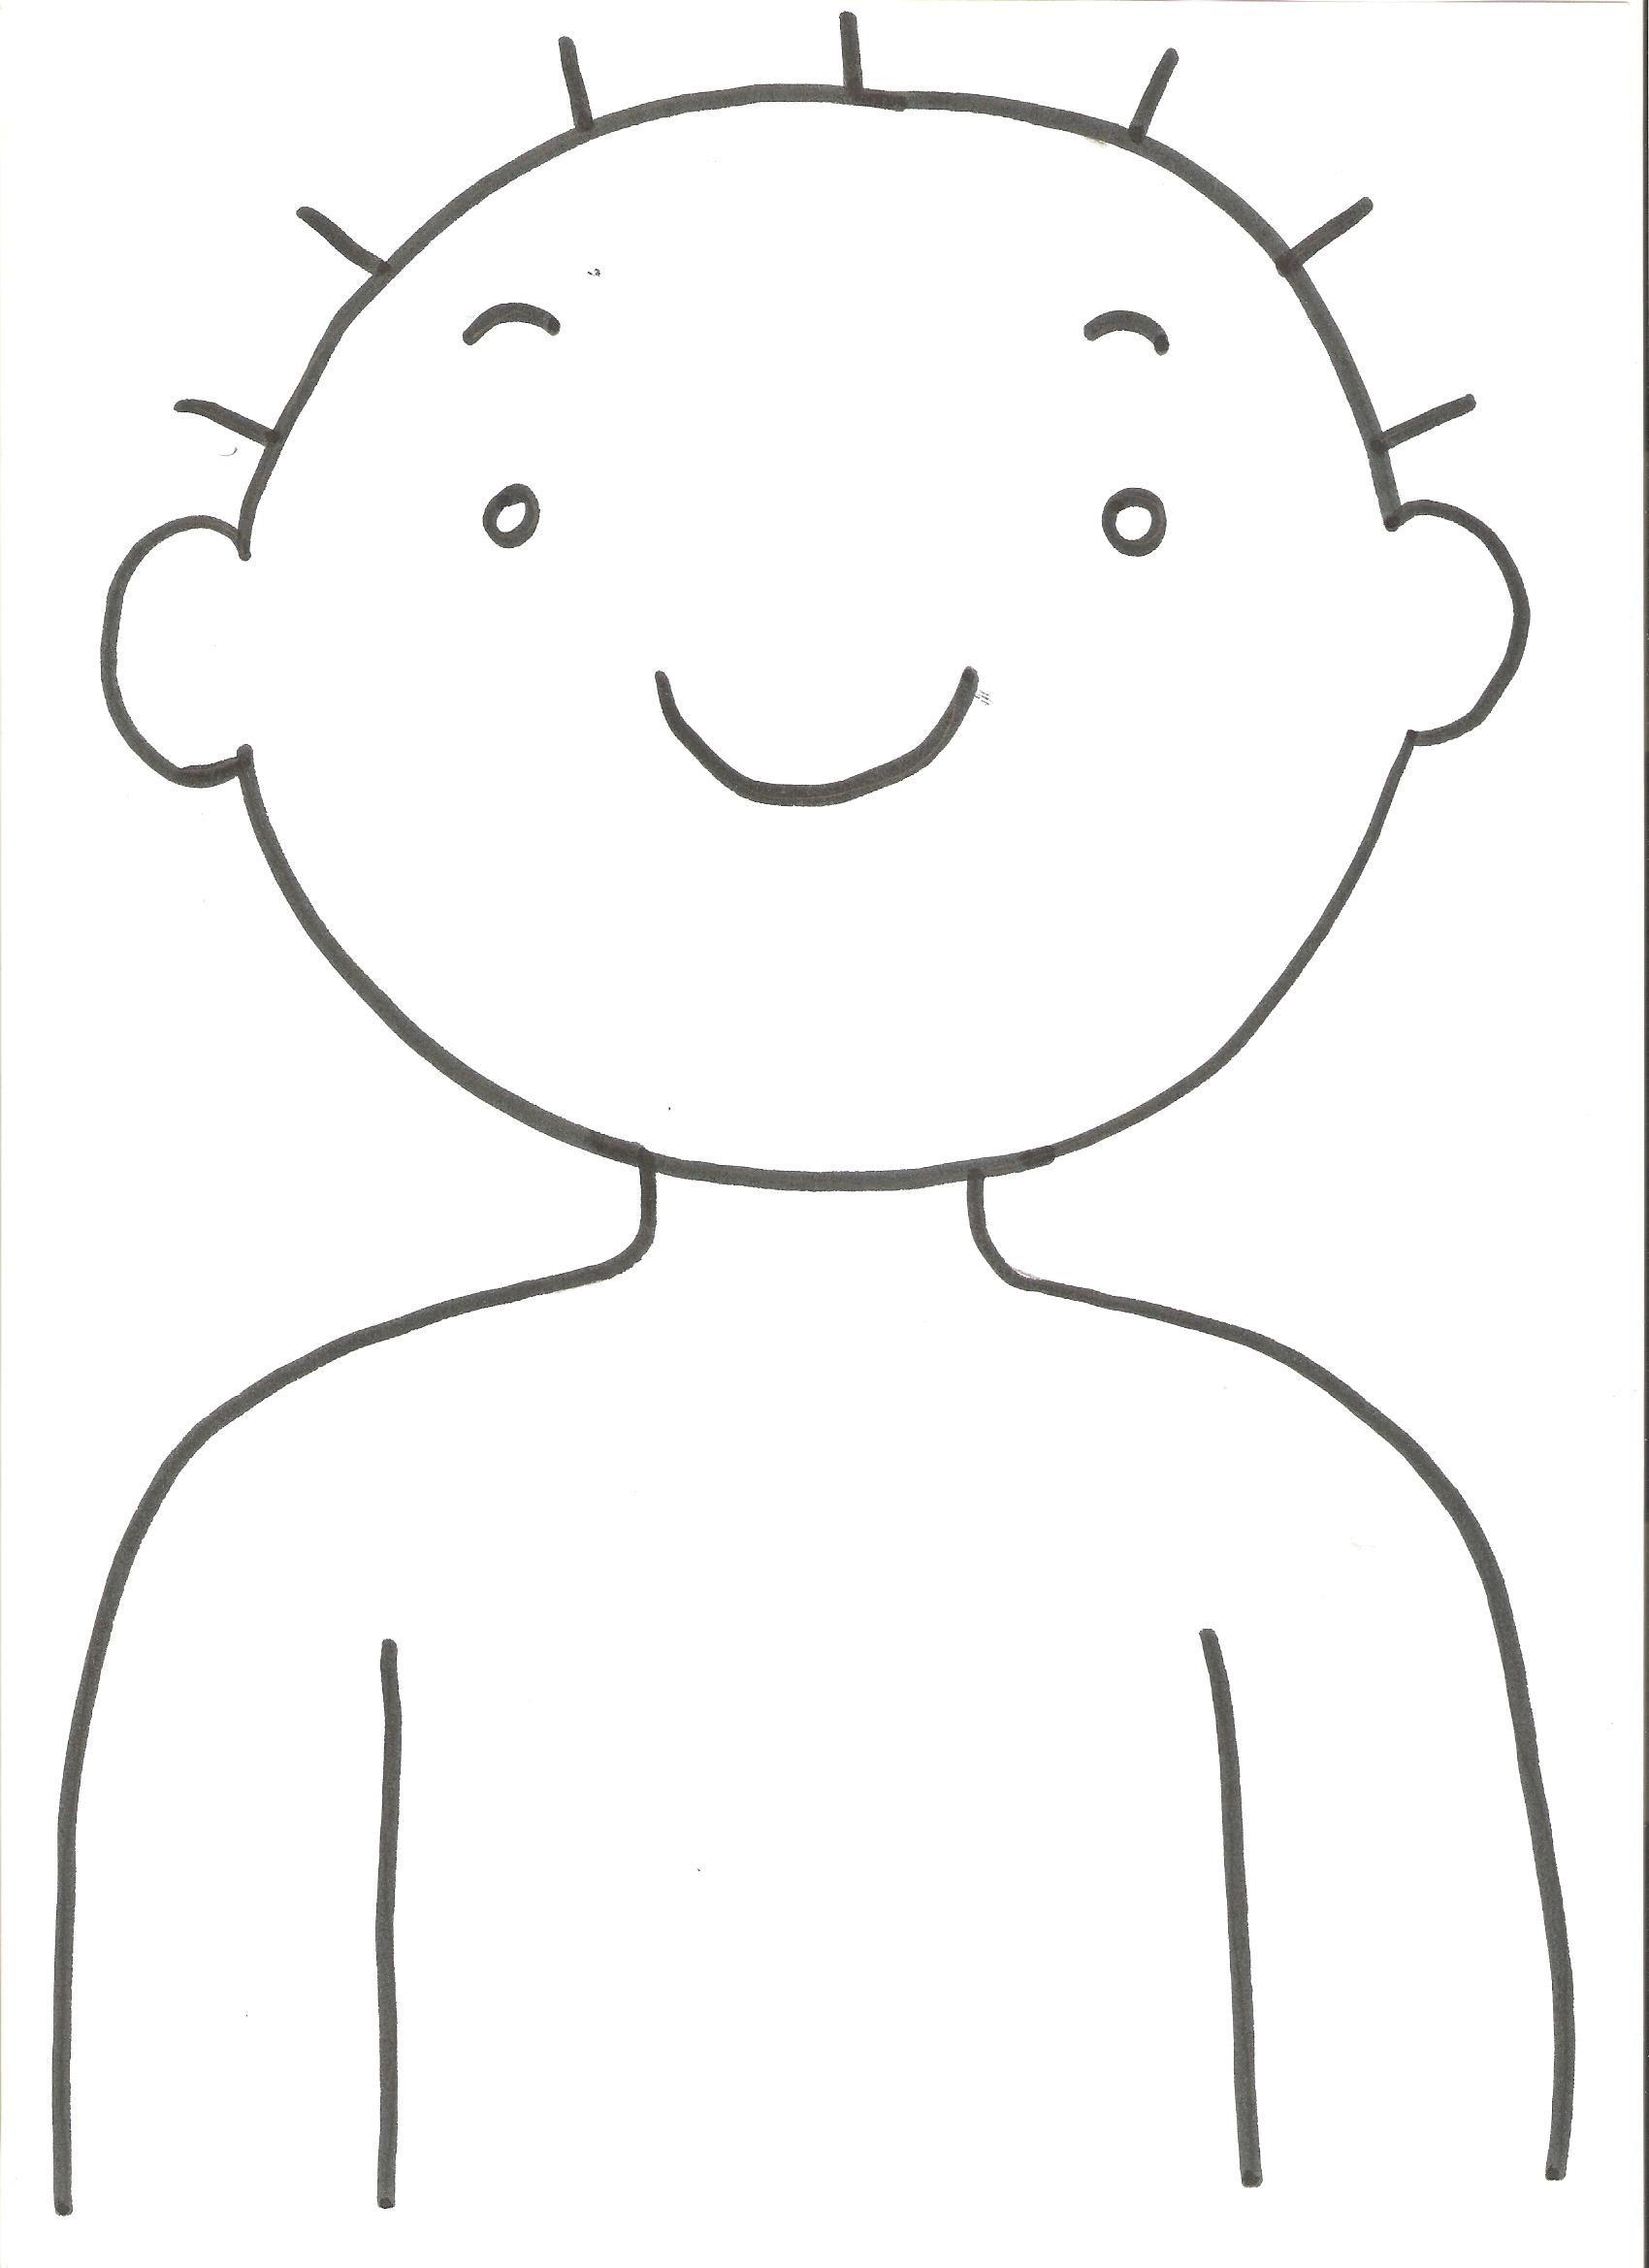 Jules Kleuters Kunnen Hier De Stippen Op Tekenen Differentiatie Zelf Stikkers Kleven Zelf Bolletjes Tekenen Go Thema Knutselen Thema Ziek Zijn Peuter Thema